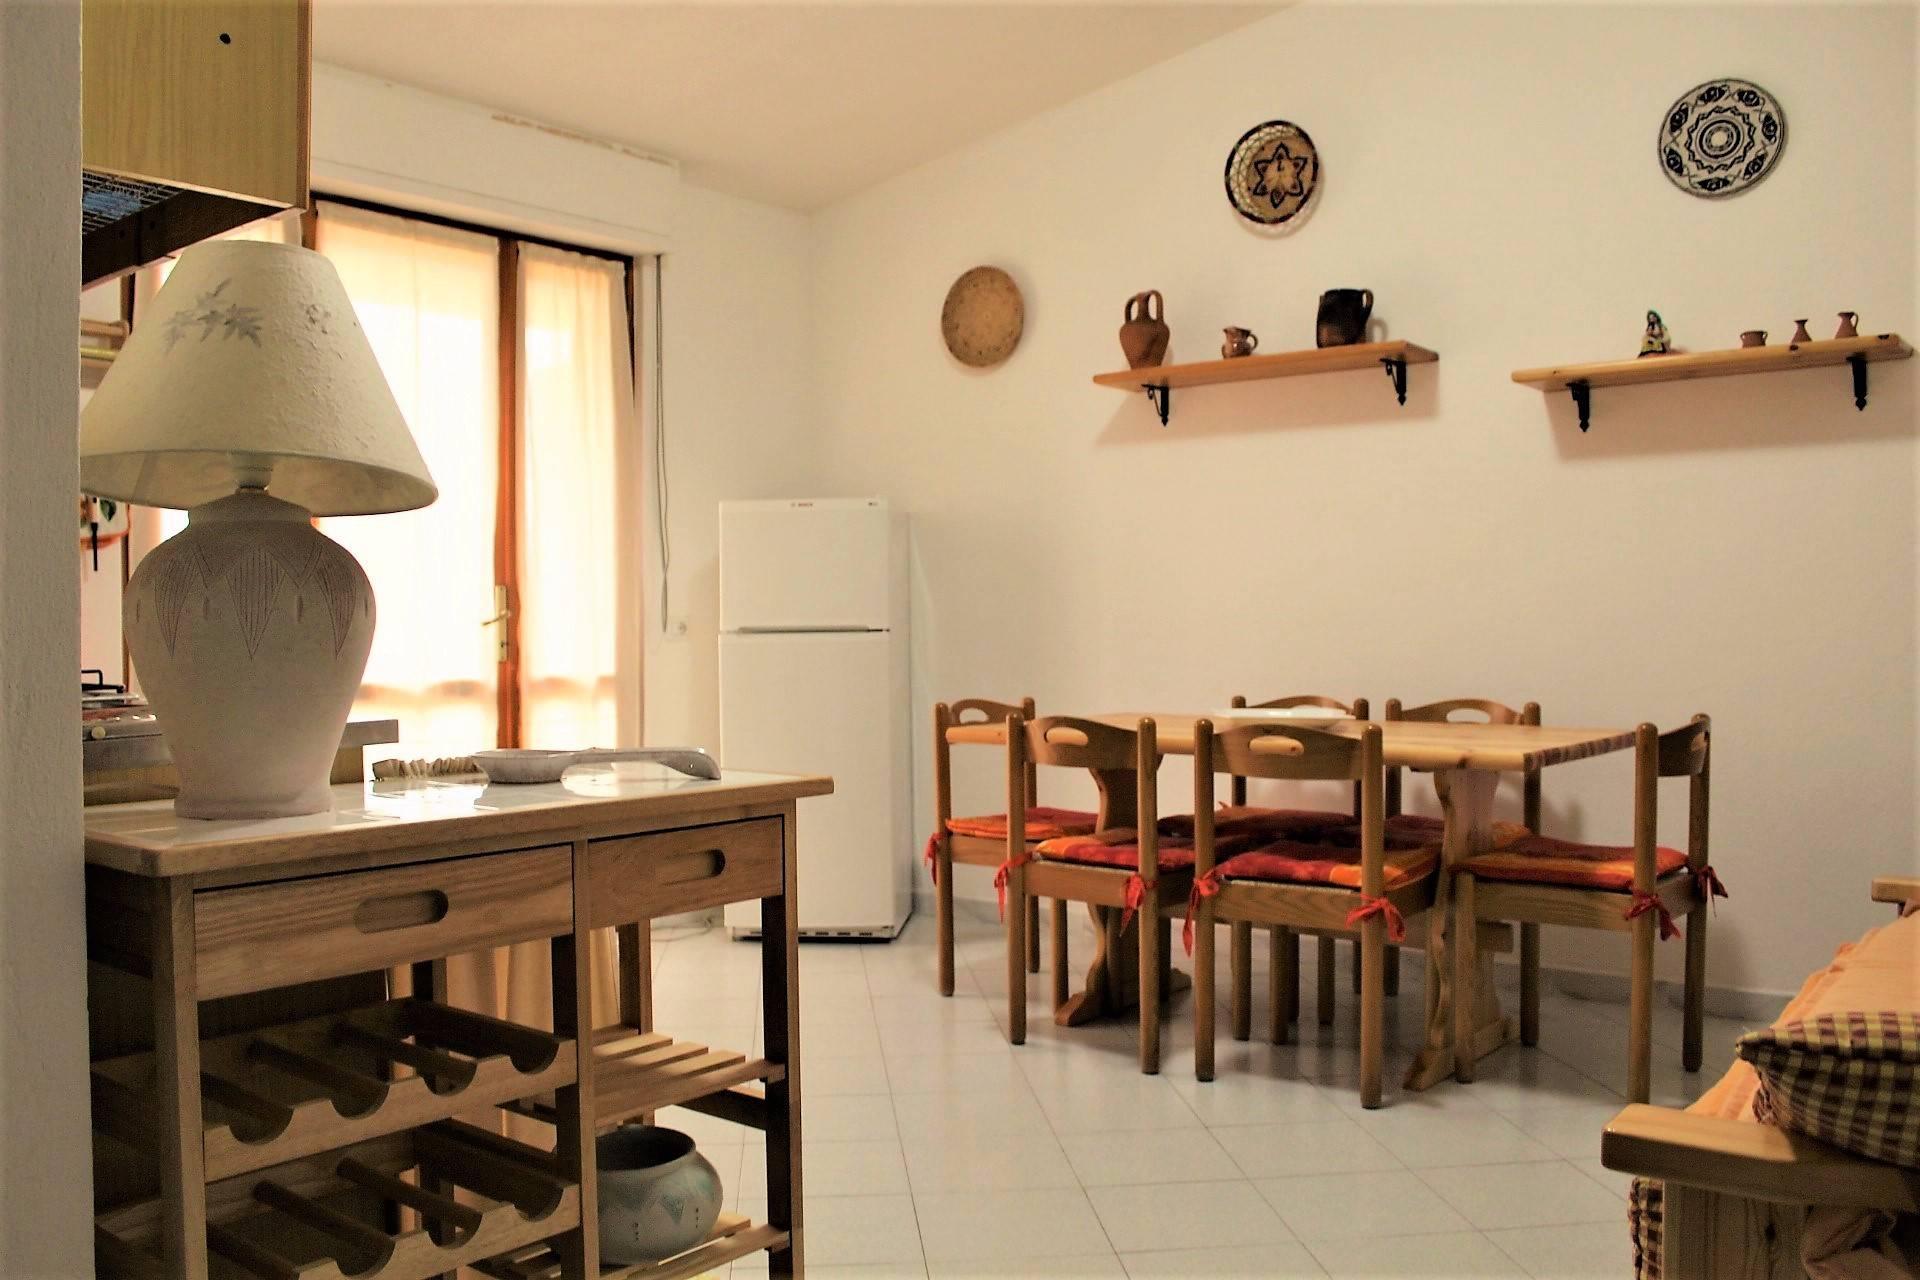 Appartamento in vendita a Villasimius, 2 locali, zona Località: Centro, prezzo € 105.000 | Cambio Casa.it